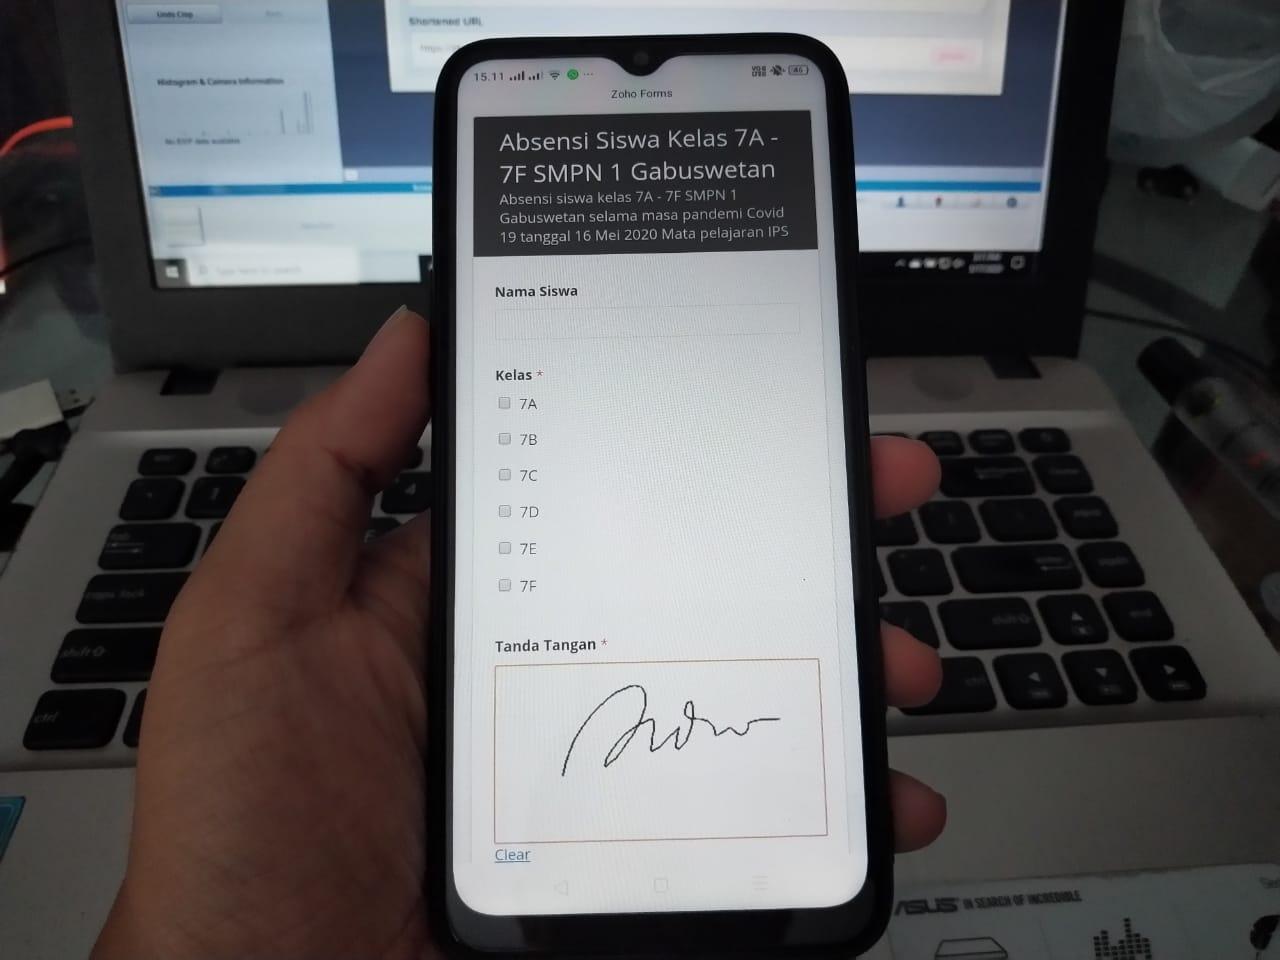 Cara Membuat Absensi Online Dengan Tanda Tangan Menggunakan Zoho Didno76 Com